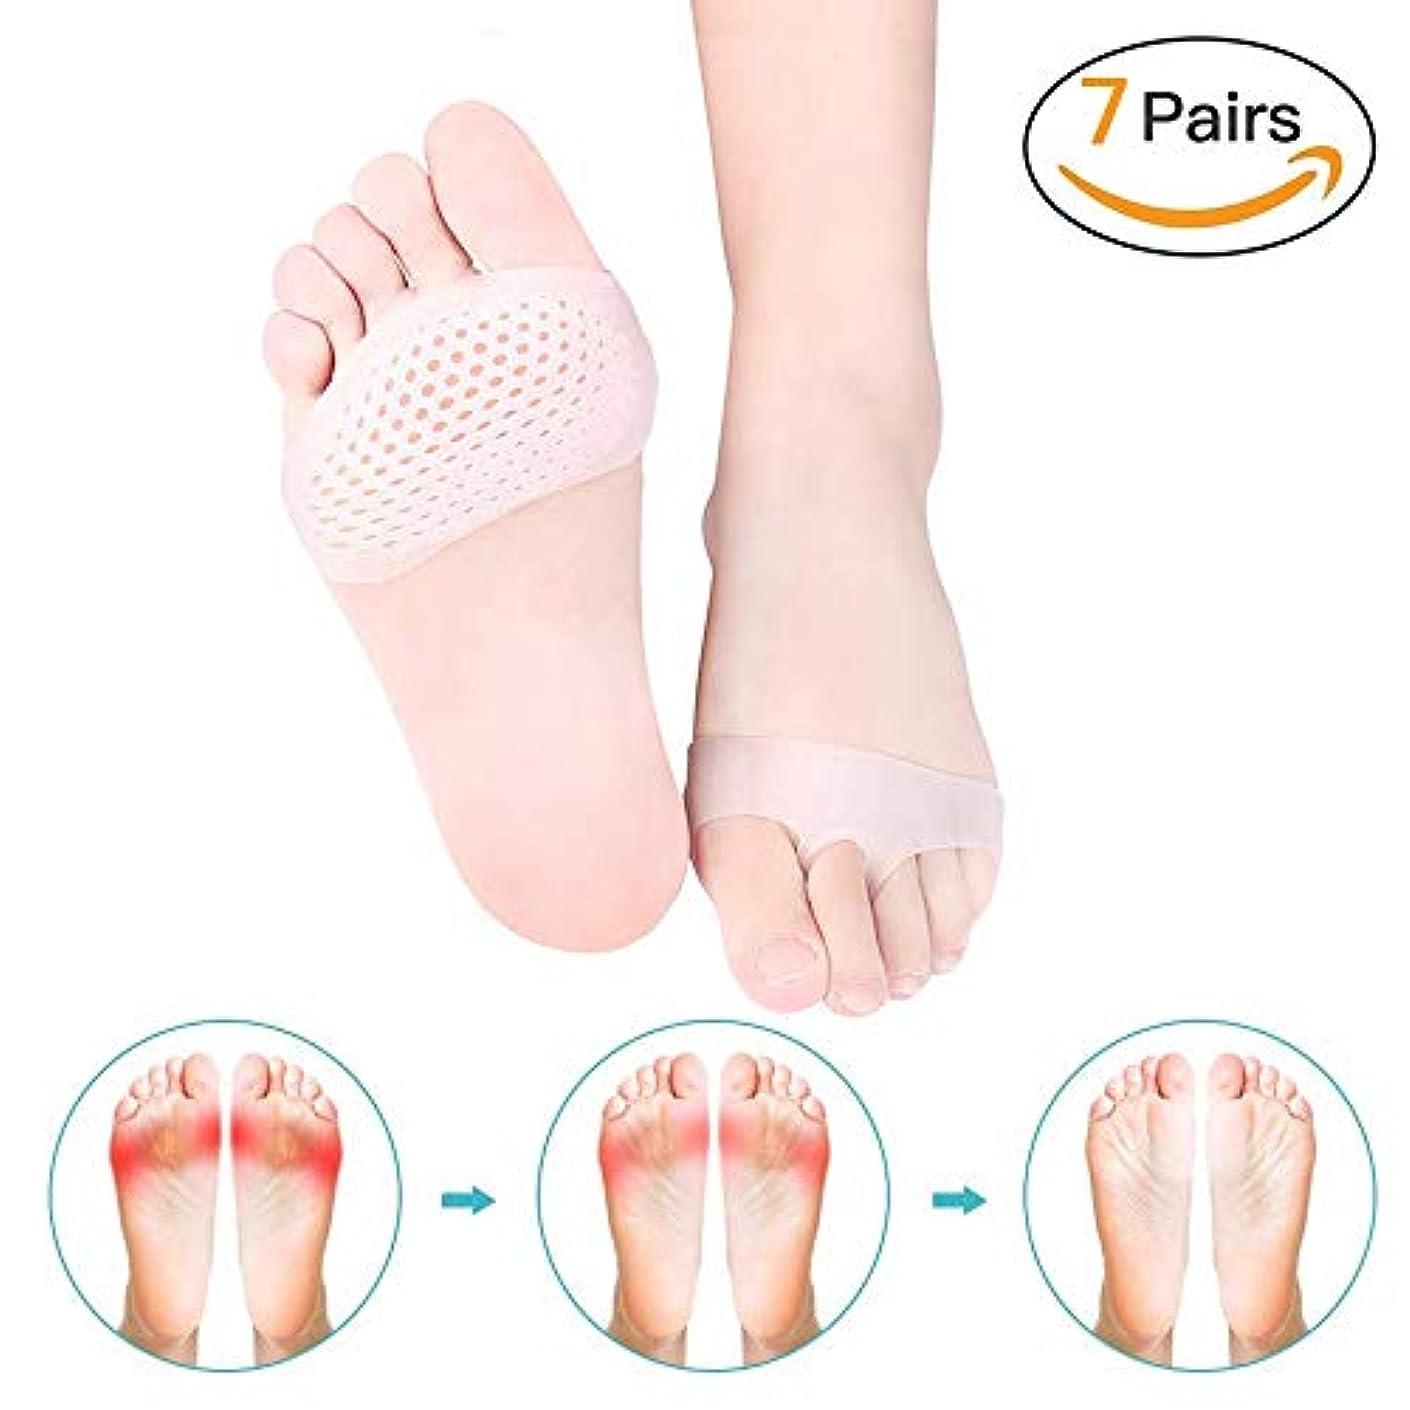 調停する警告ギャングスター女性の中足骨パッド、足クッション、中足骨痛のためのソフトジェル前足カルスパッド神経腫モートン神経腫パッド、カルス、痛みを和らげる7 Pairs